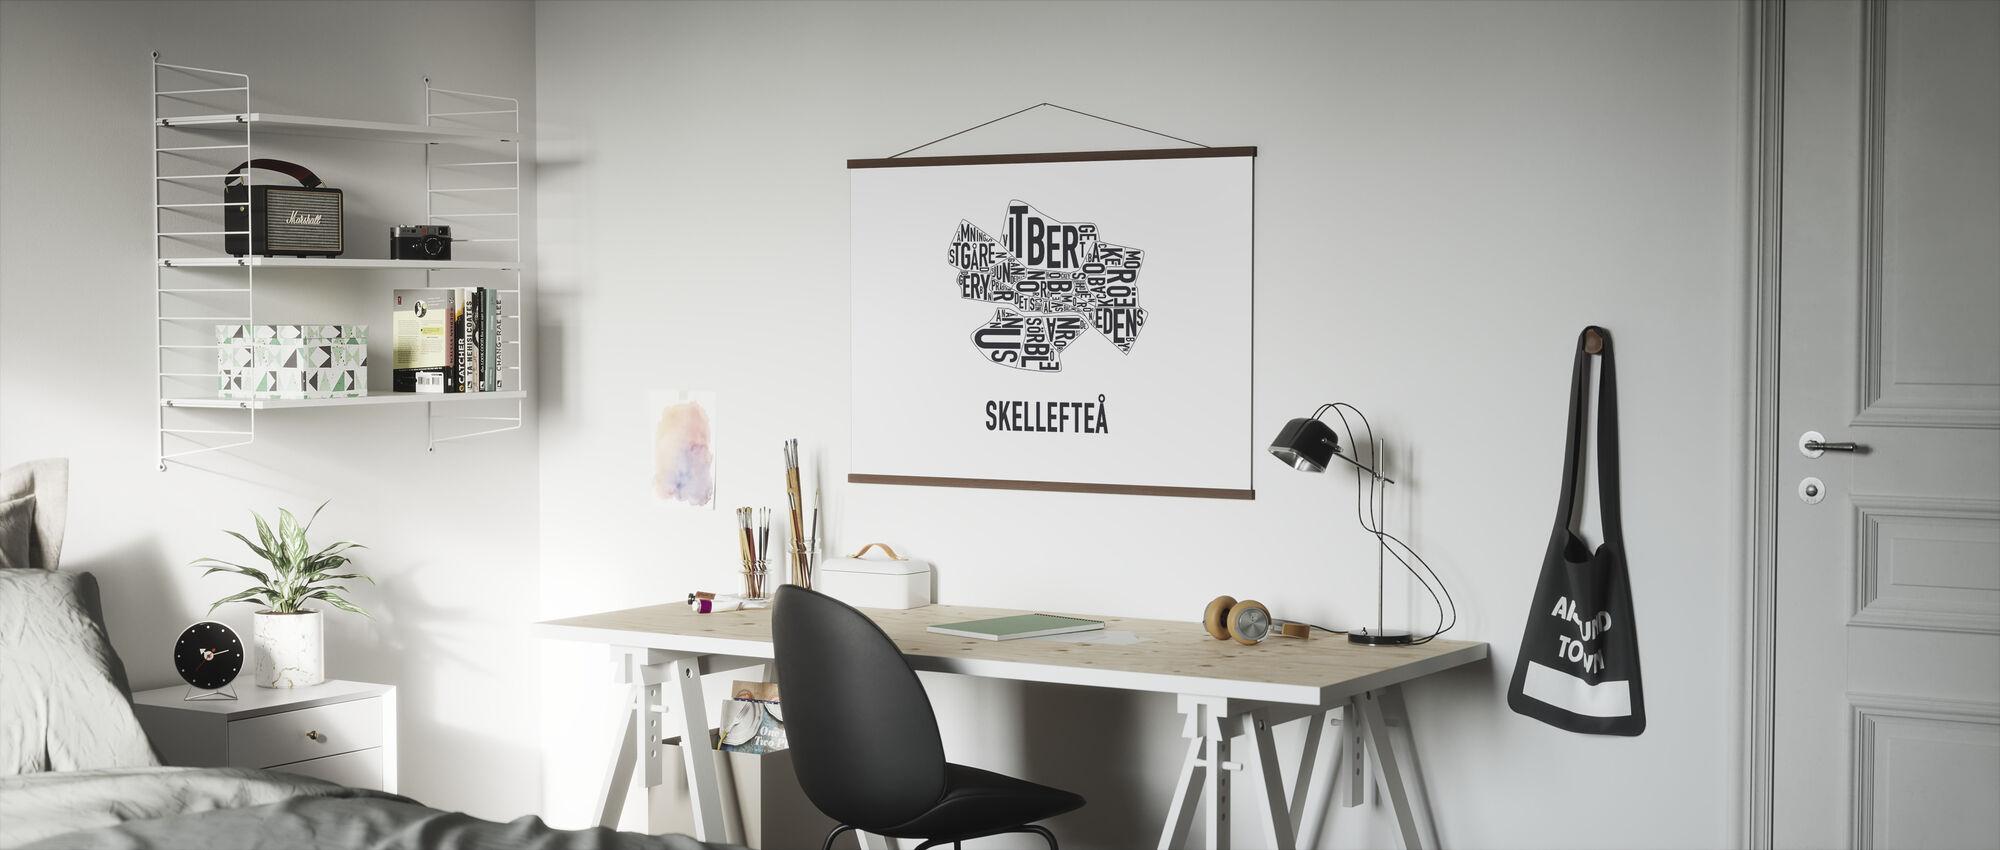 Skellefteå - Plakat - Kontor